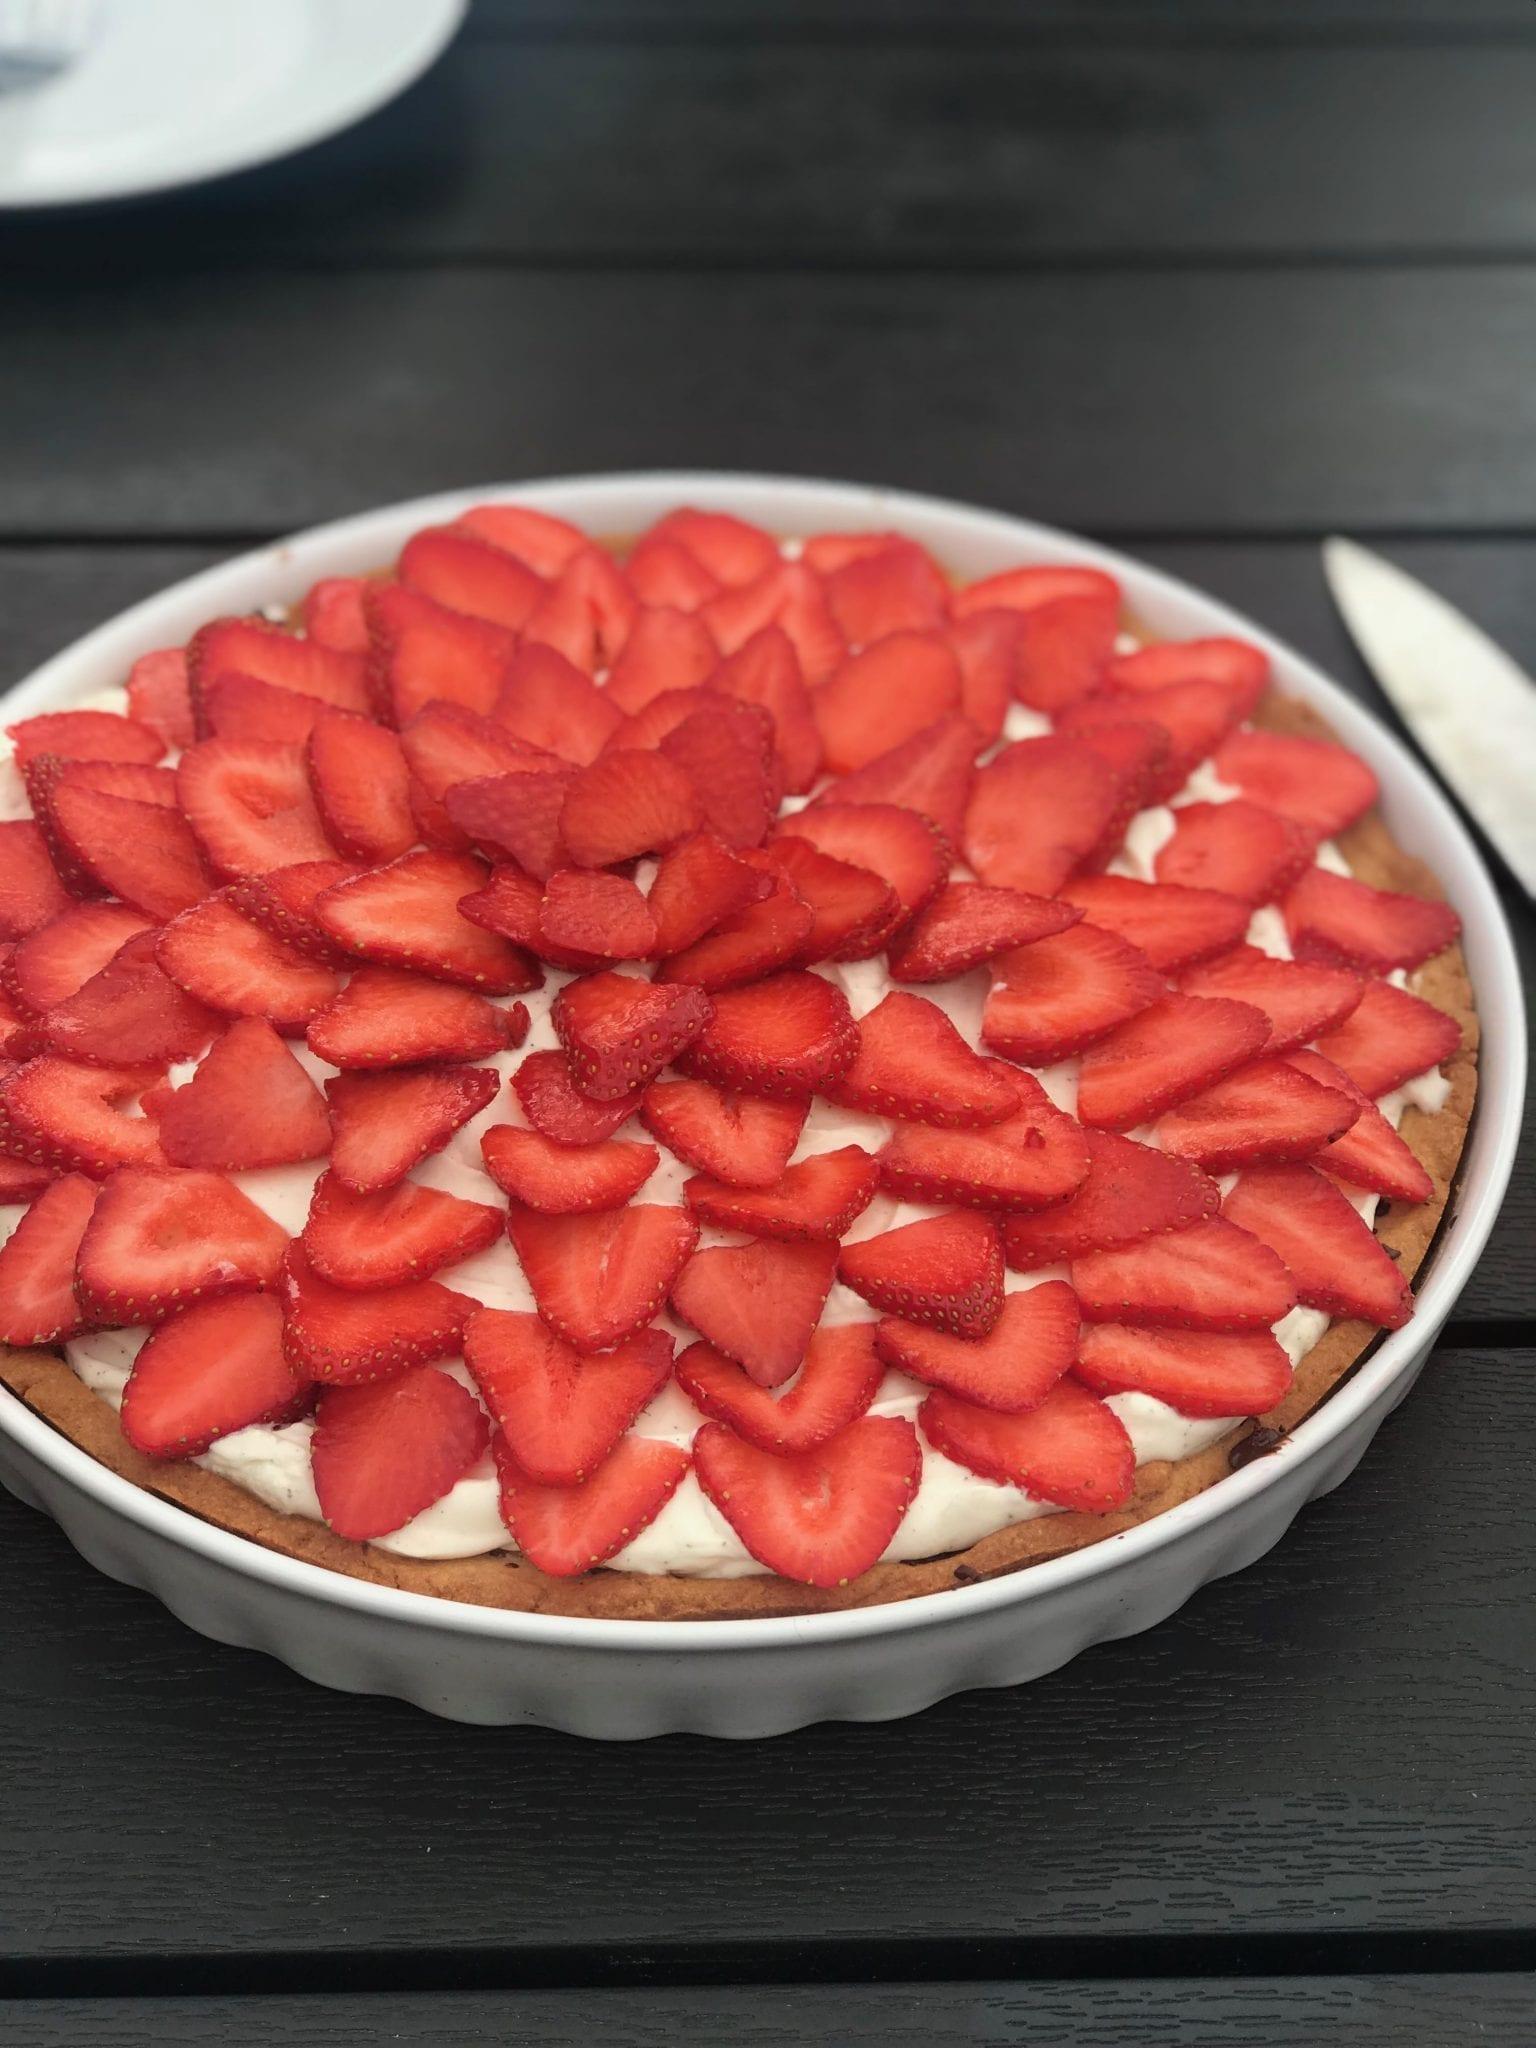 Jordbærtærte med mascarpone creme og mørk chokolade